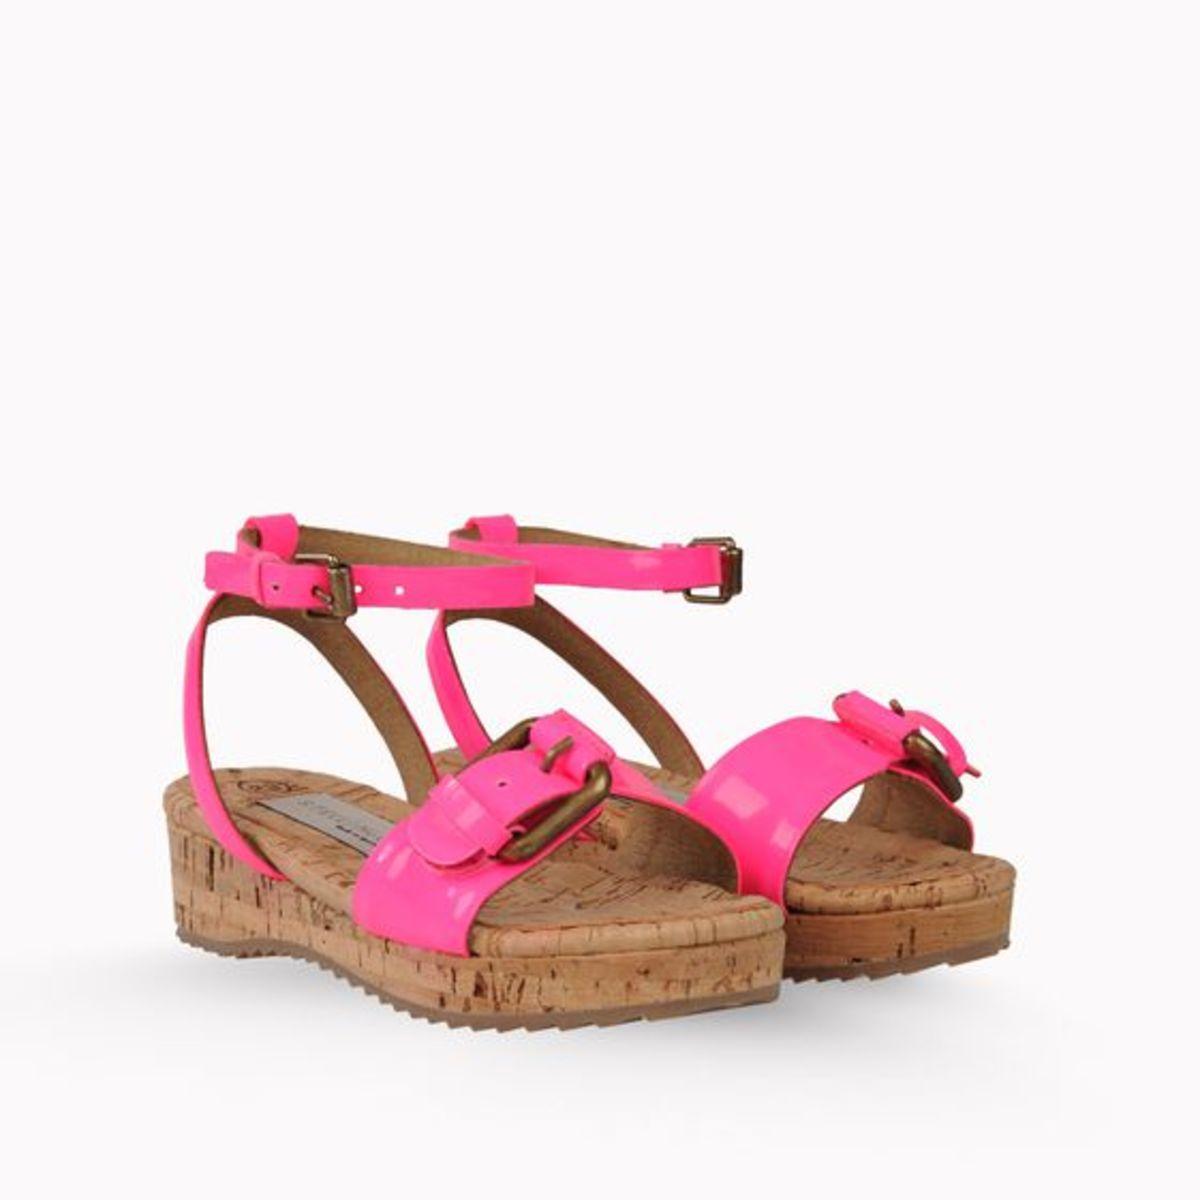 linda sandal for girls